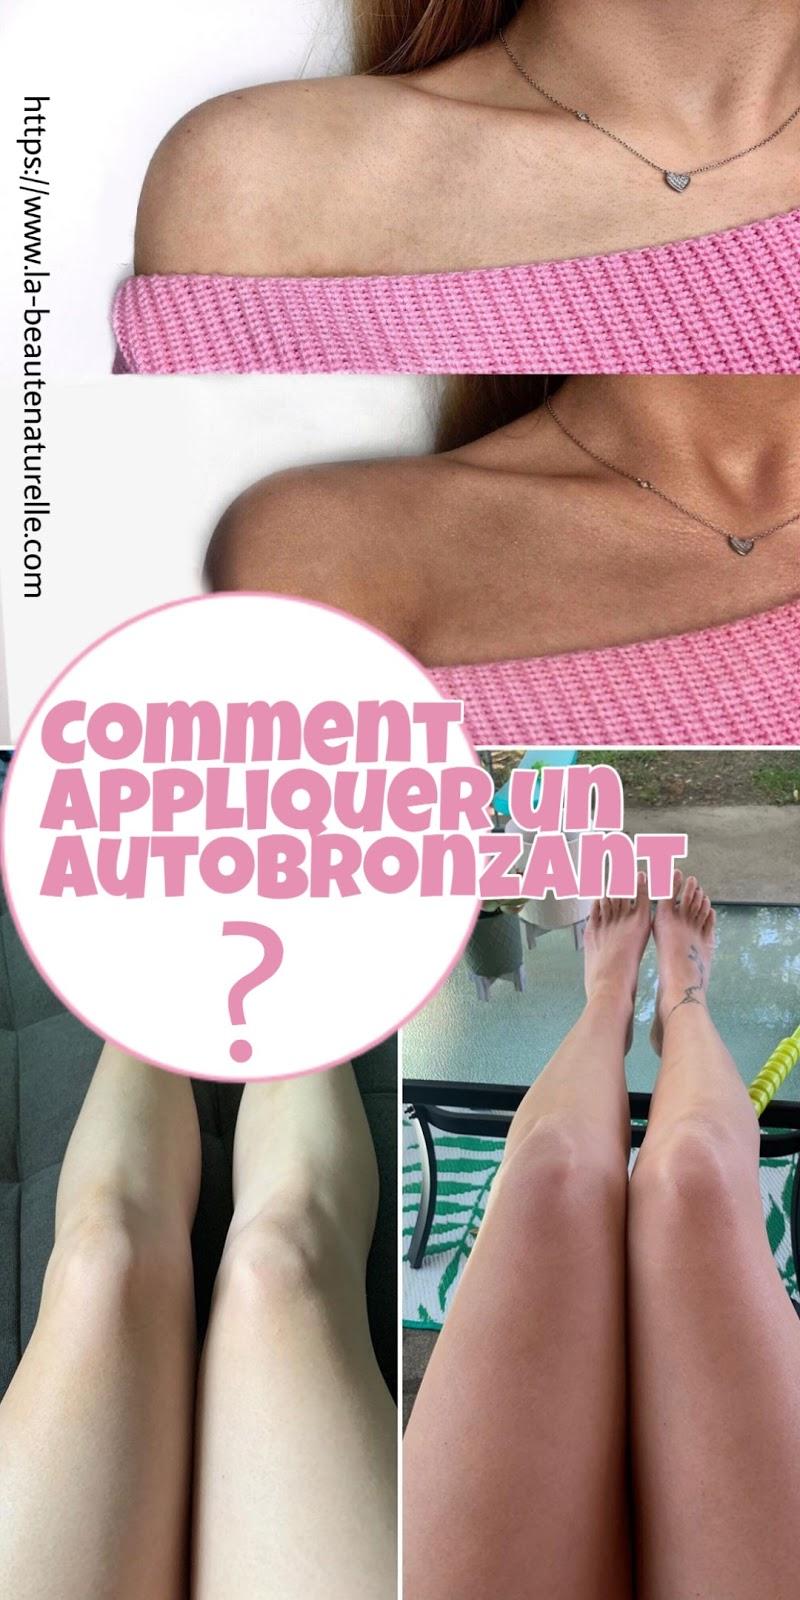 Comment appliquer un autobronzant ?